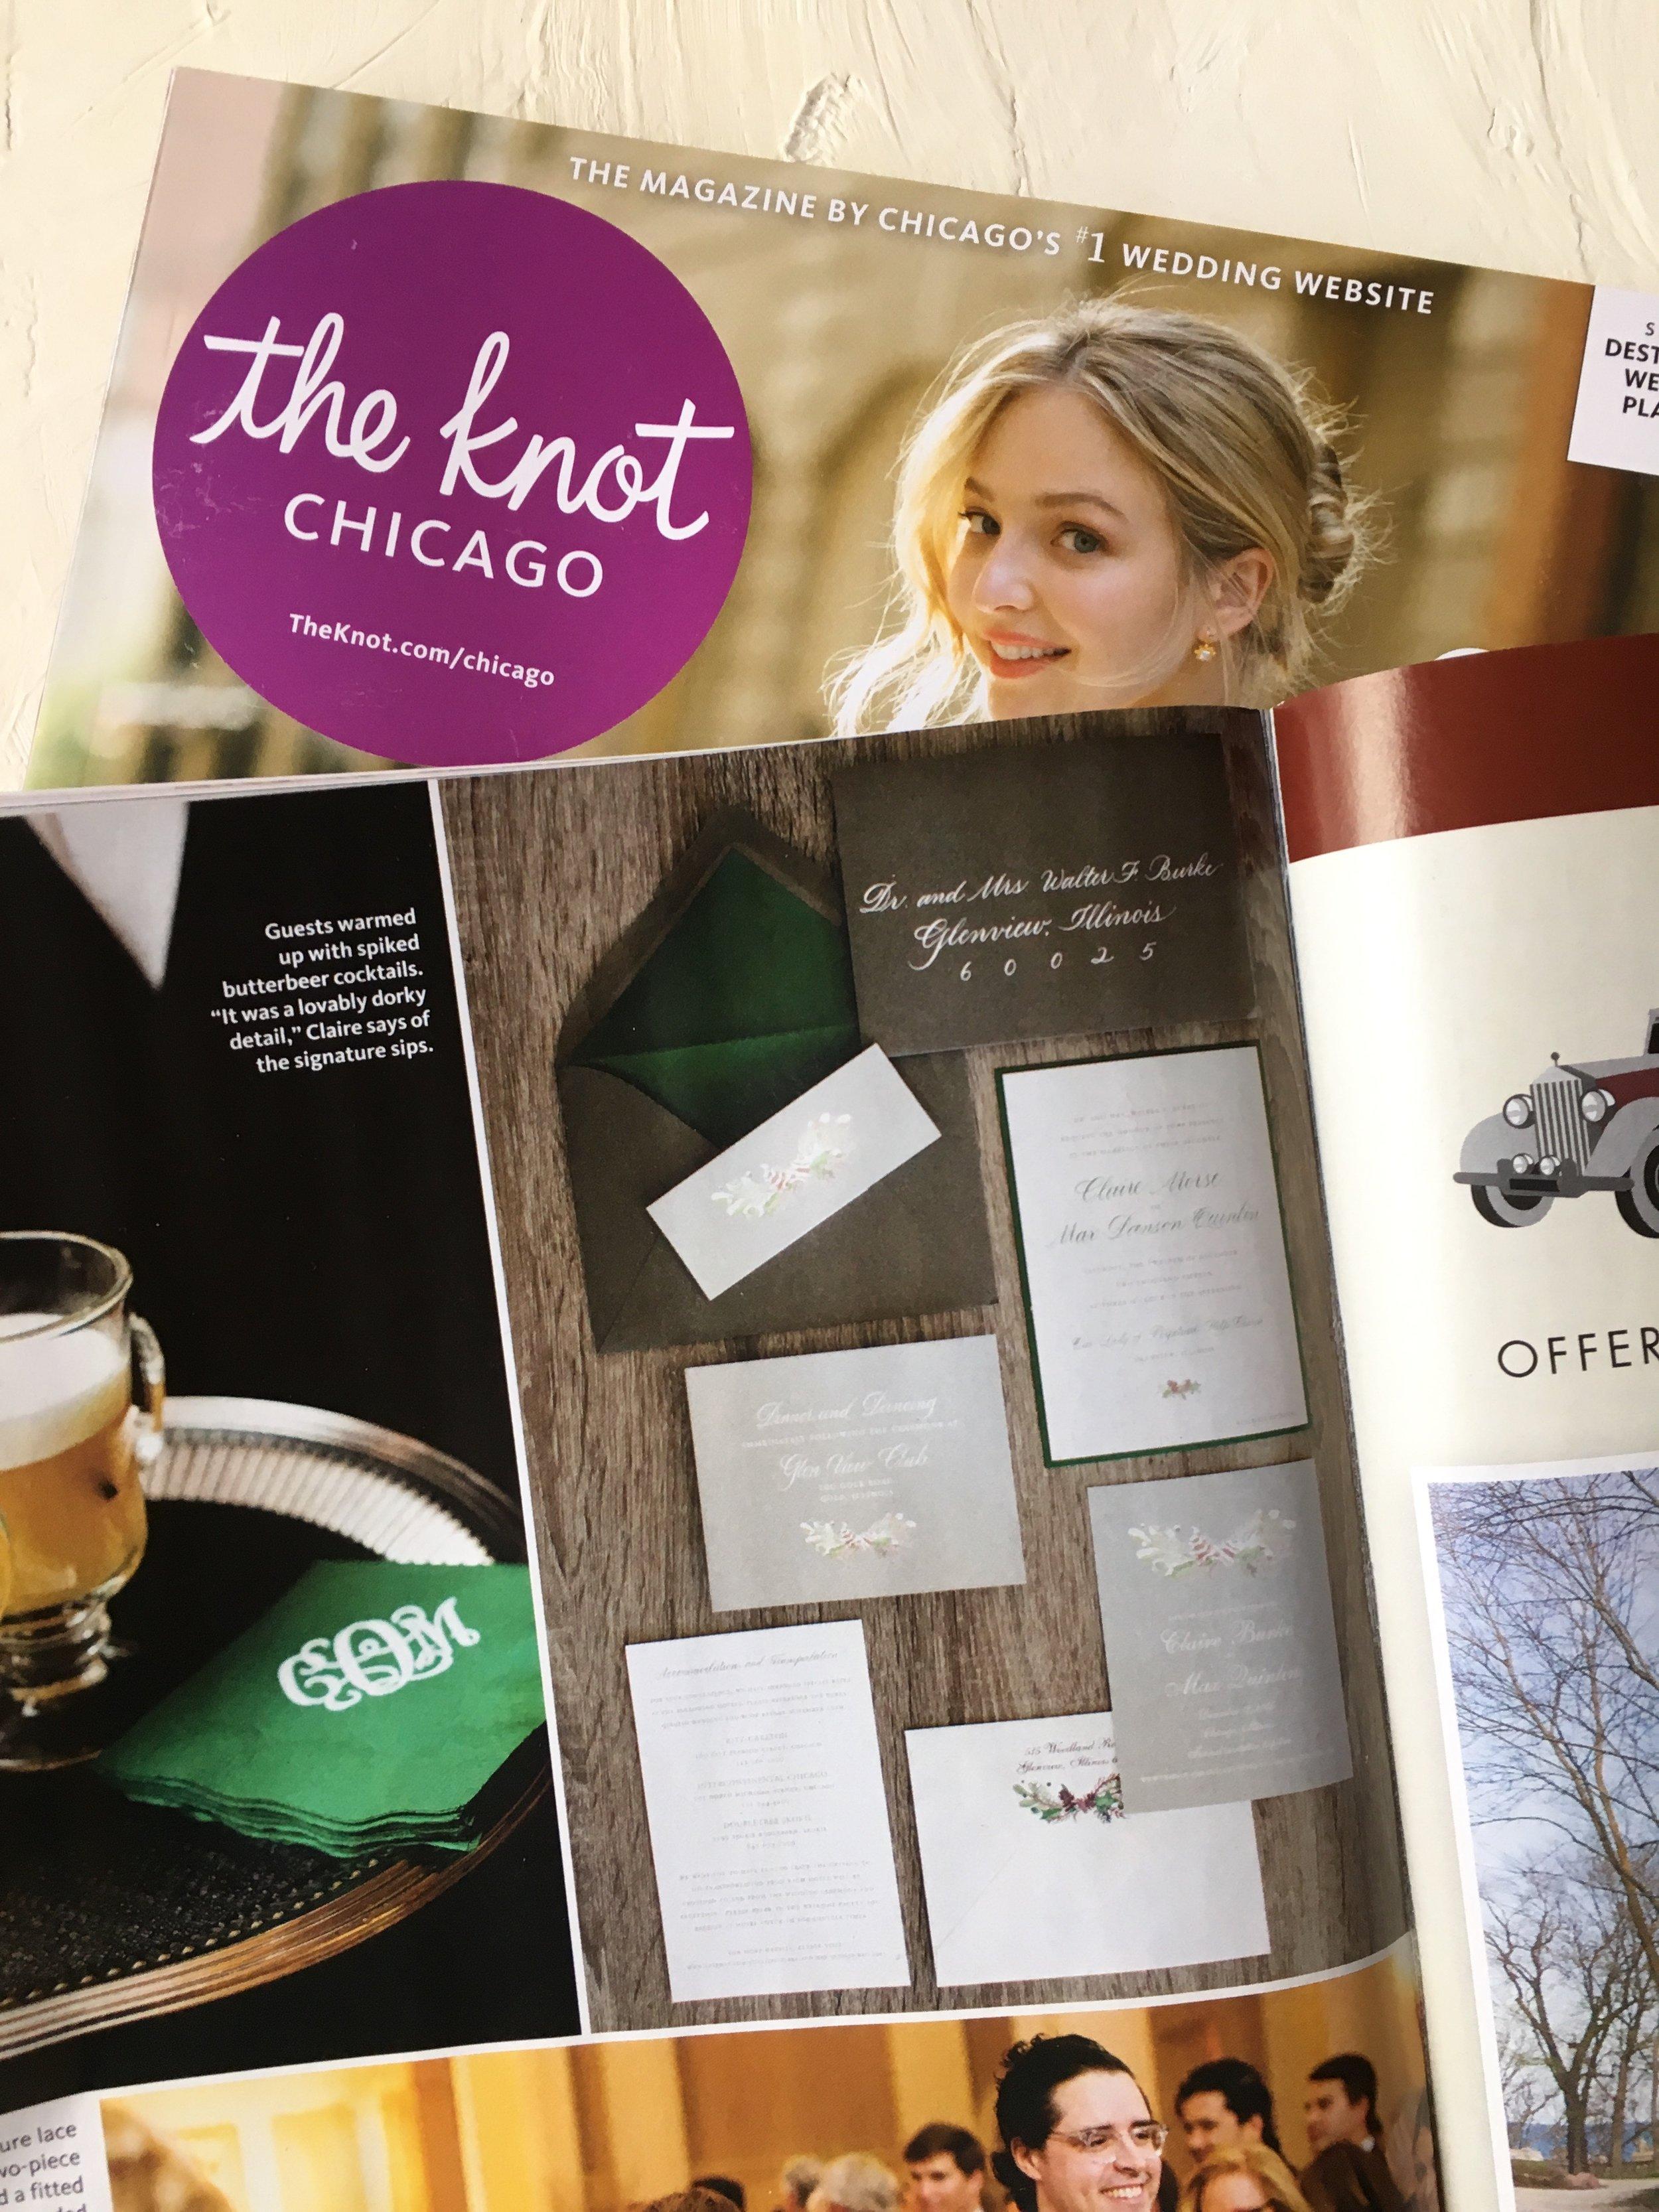 the knot chgo magazine pic.jpg